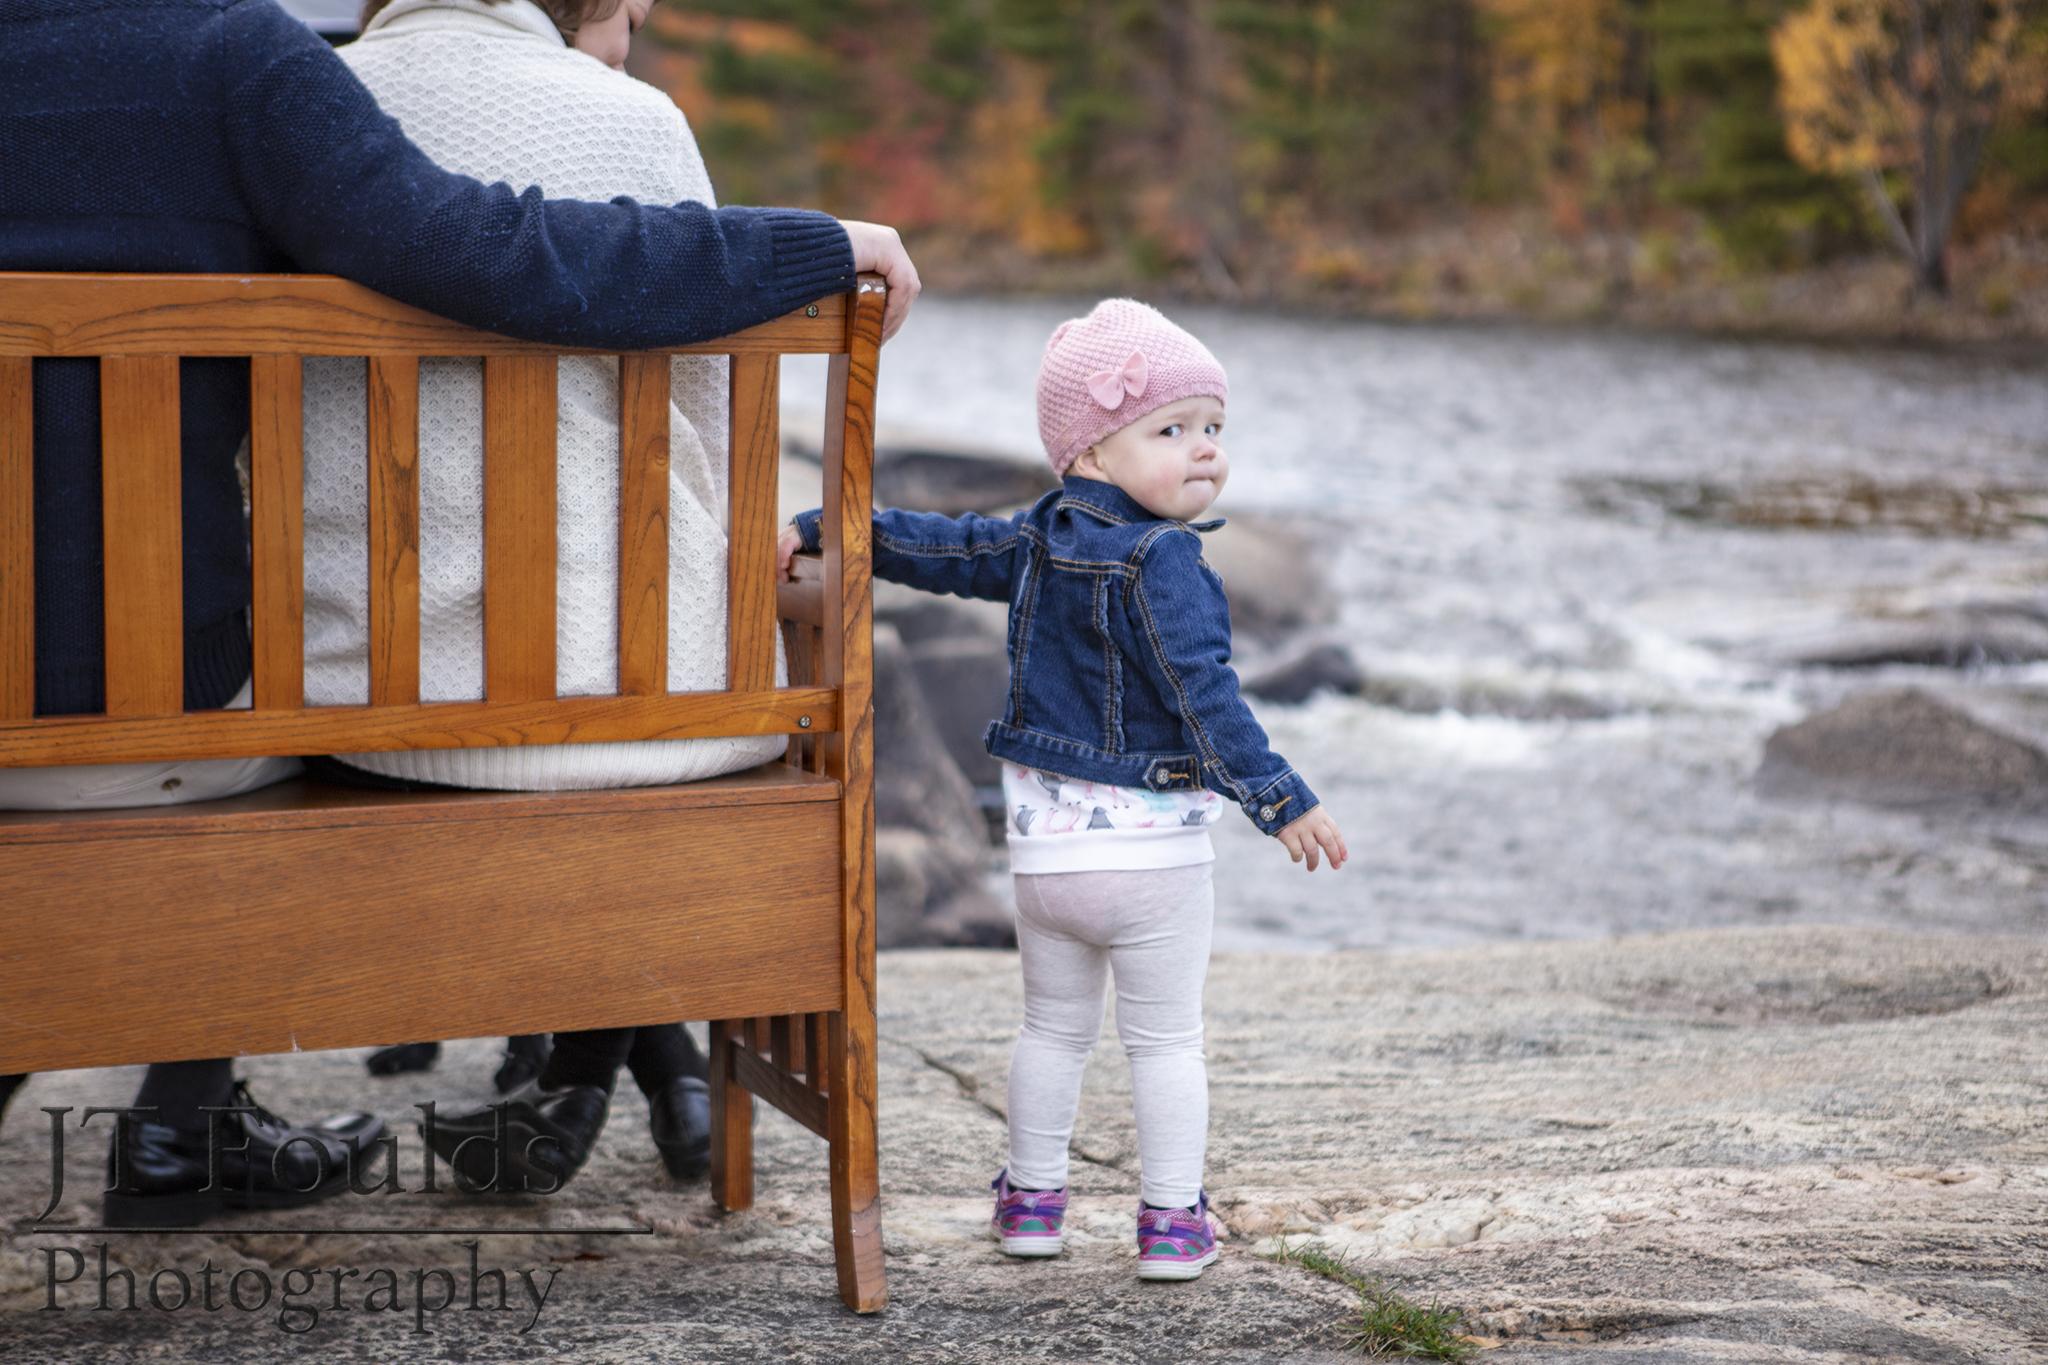 Adach Fall Family Shoot - Centenial Park - 13 OCT '18 - 021.jpg